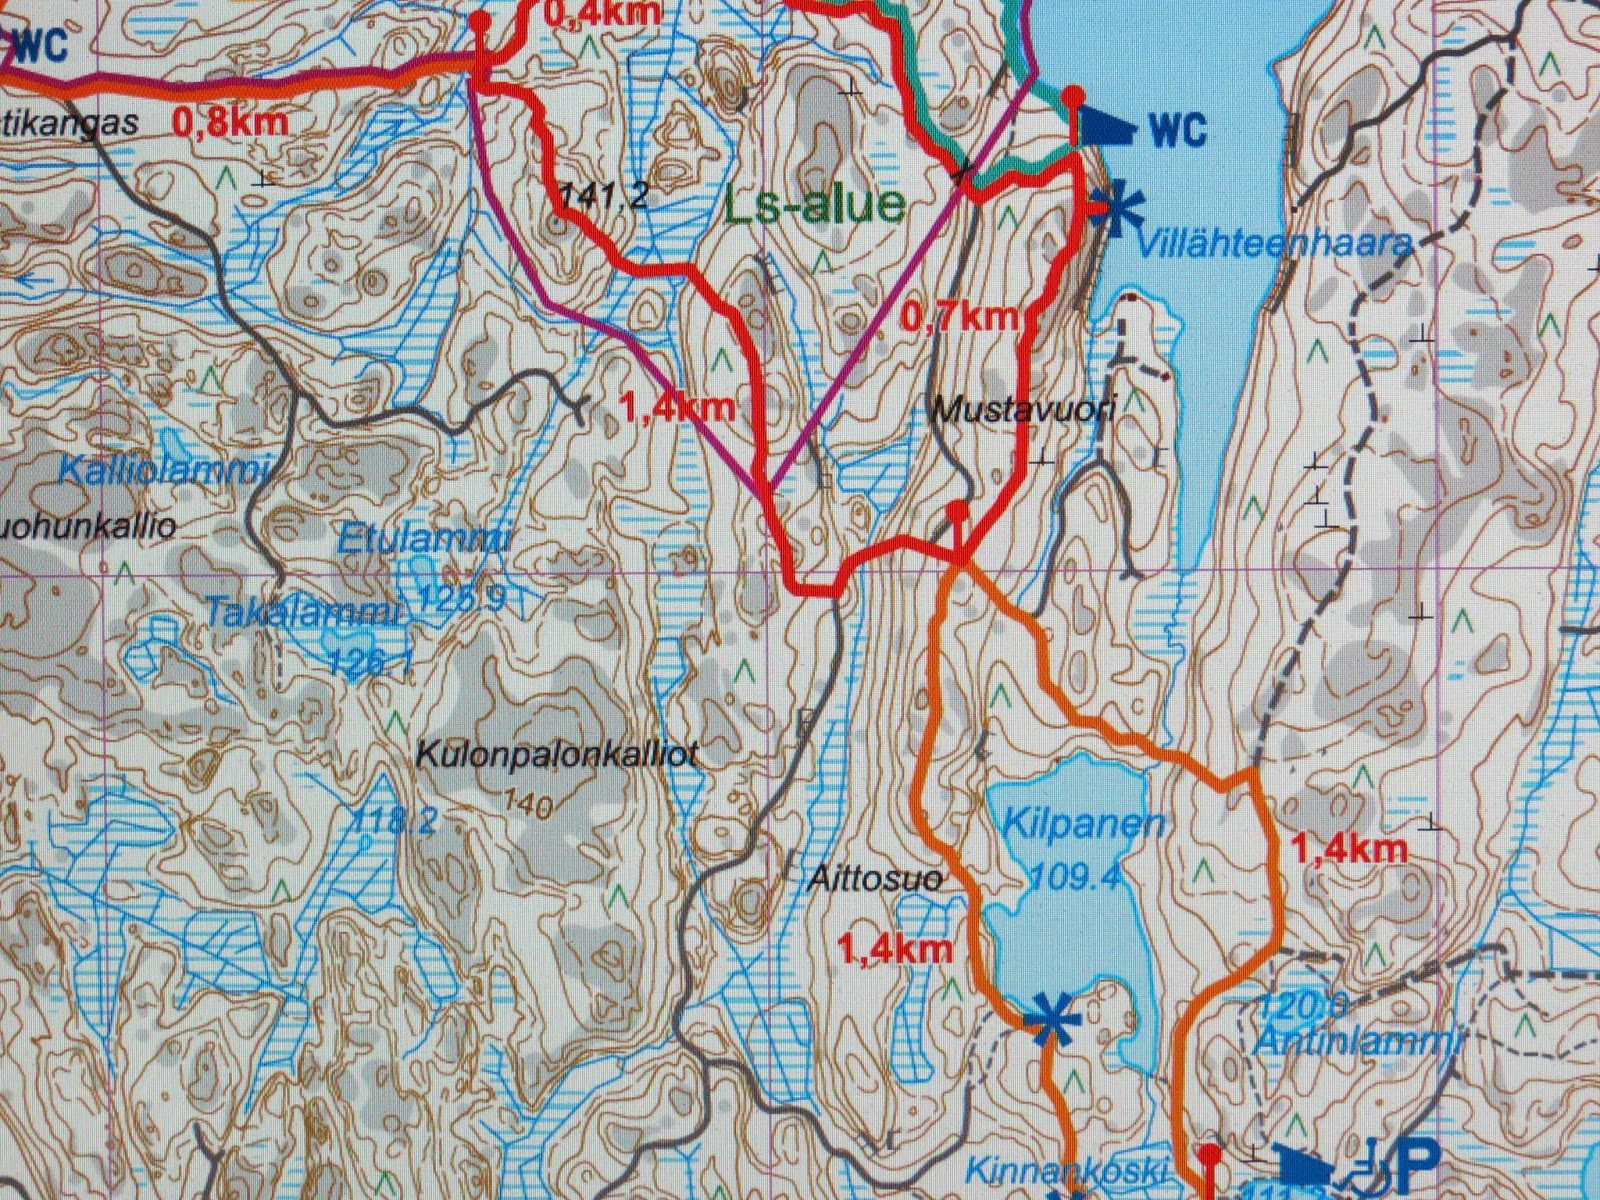 Lapakisto Kartta